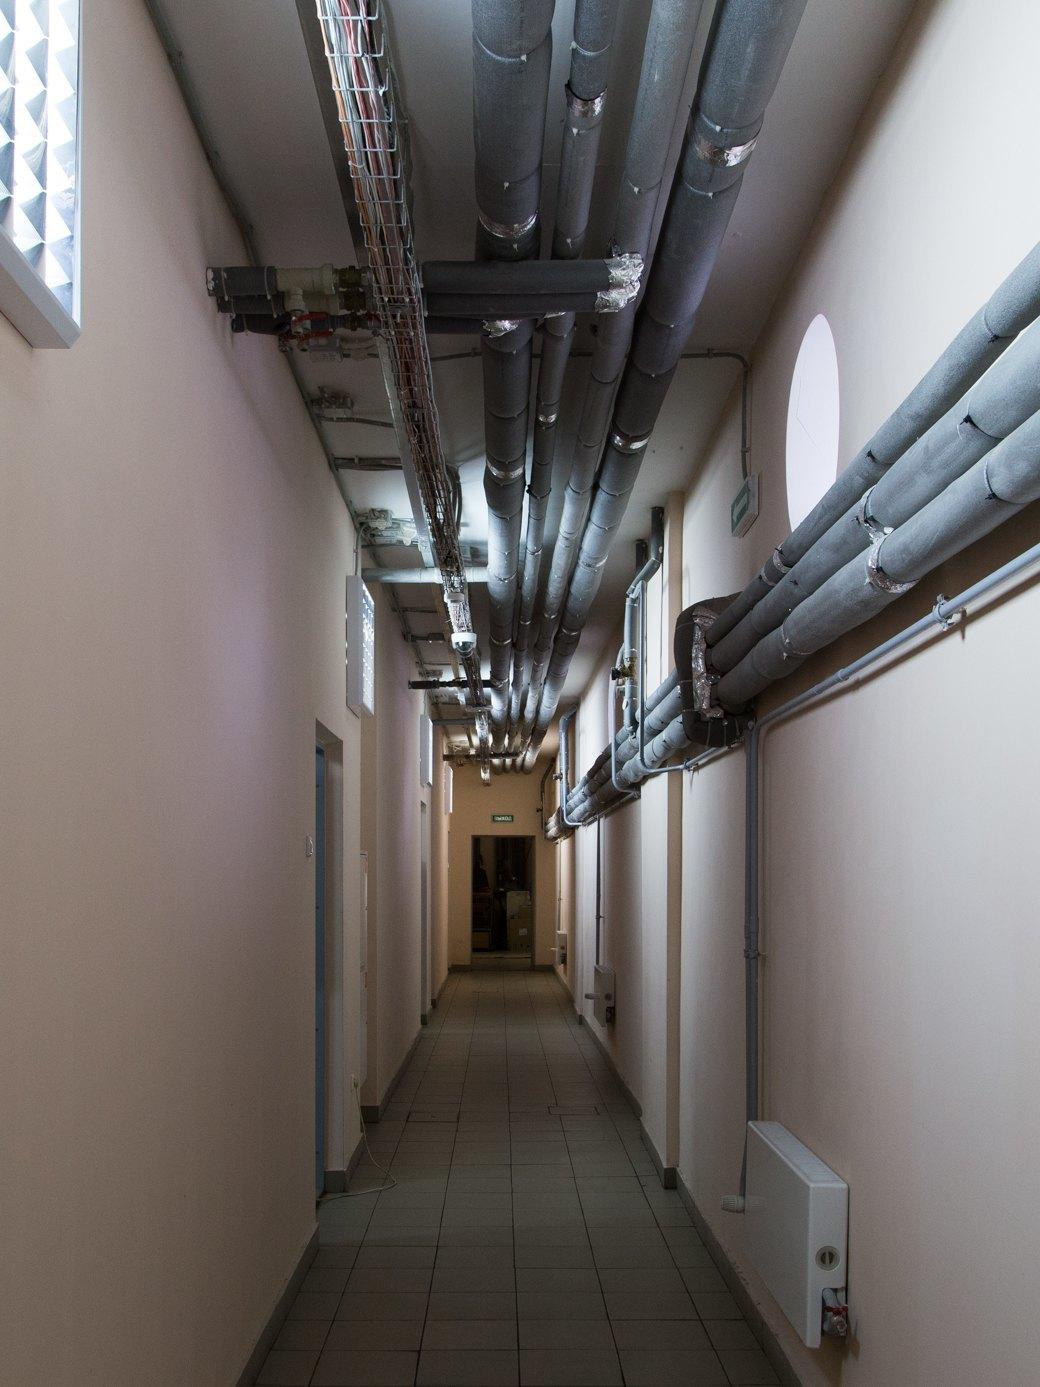 Я живу в доме-коммуне наулице Орджоникидзе. Изображение № 23.